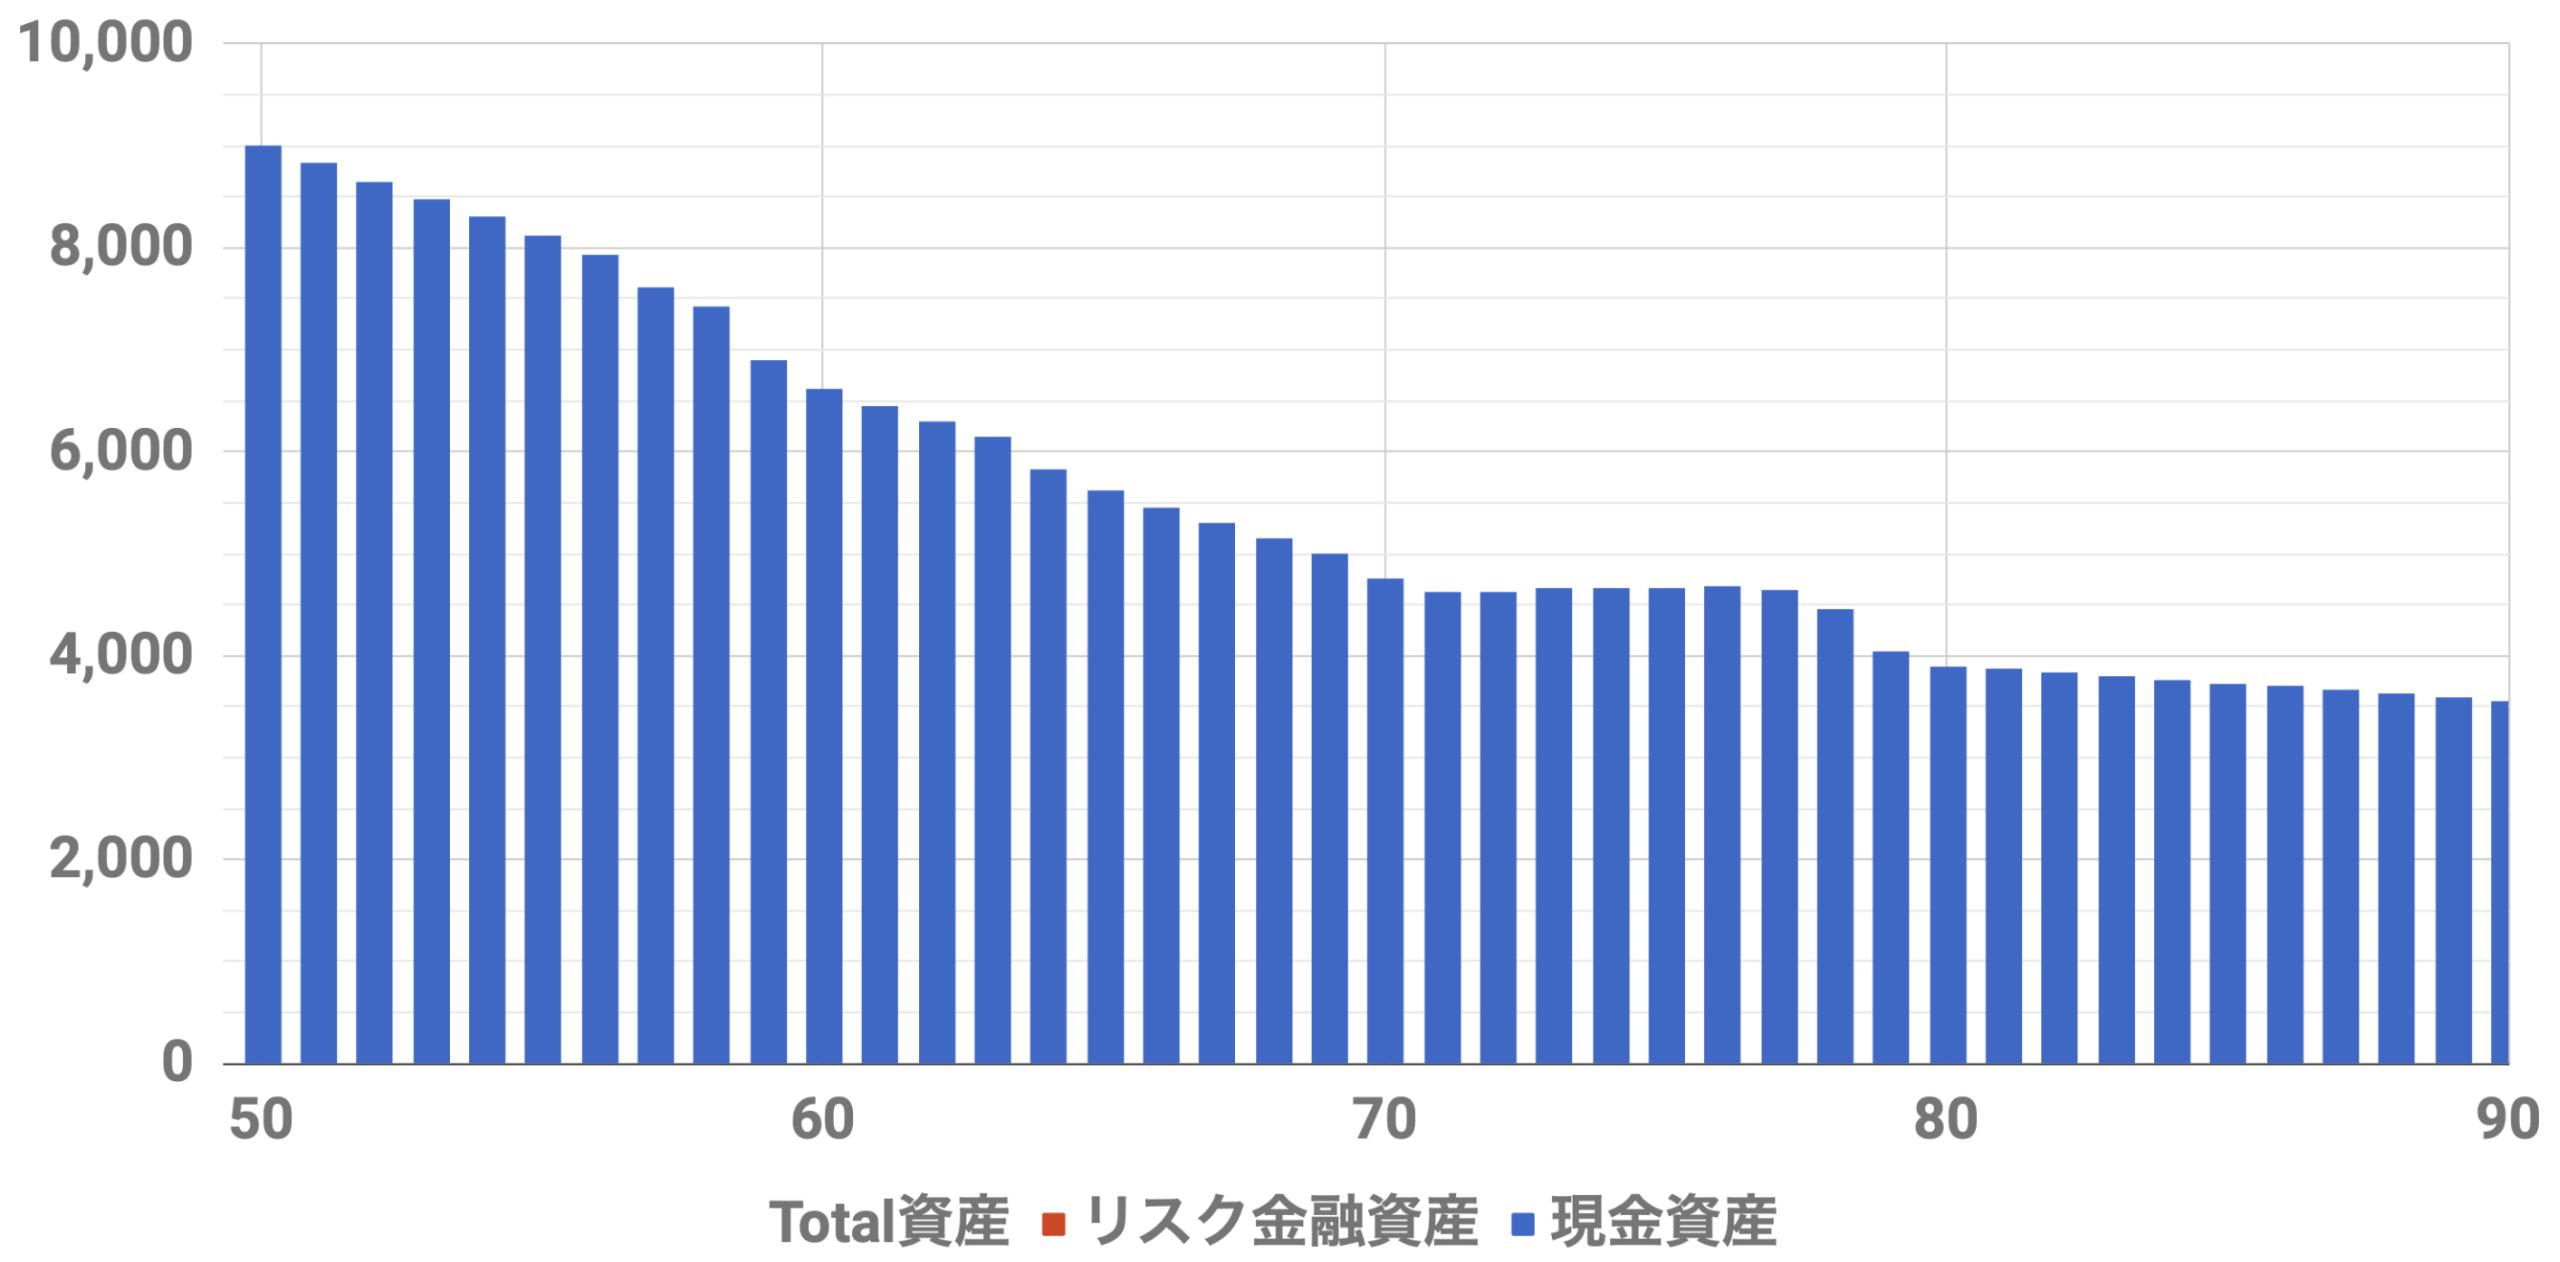 50歳9000万資産シミュレーション(Level3)